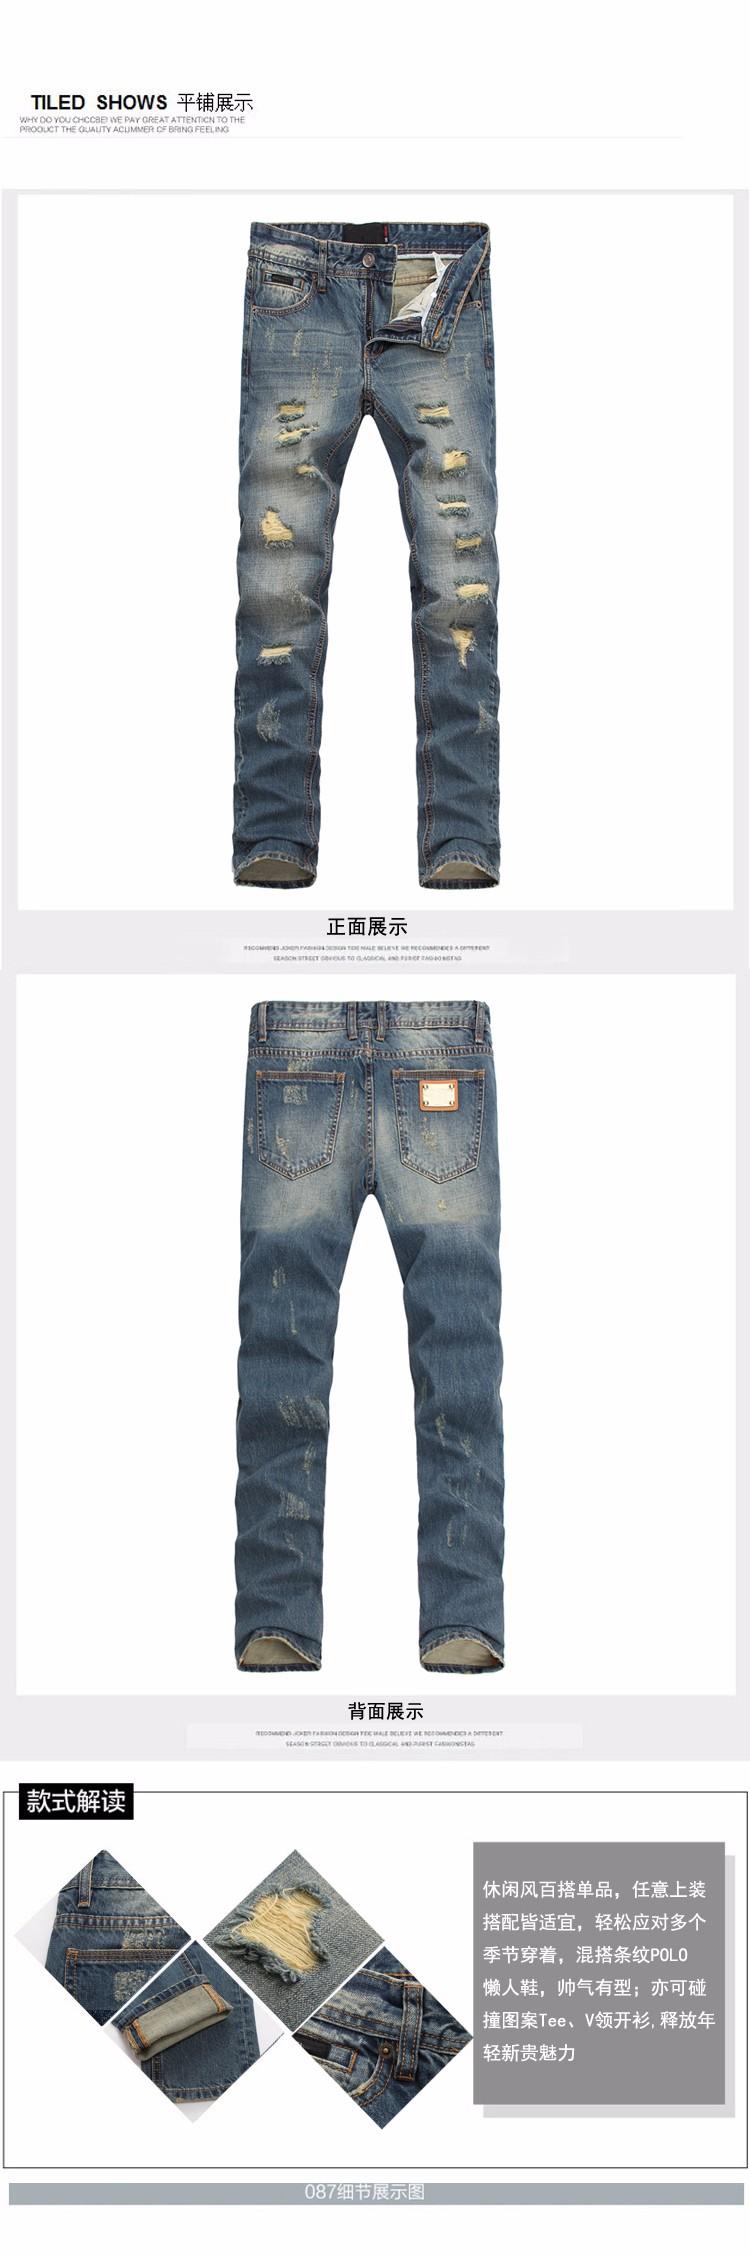 Скидки на Новый мальчик джинсы Маленькие ноги брюки бренд брюки отверстия дизайнер